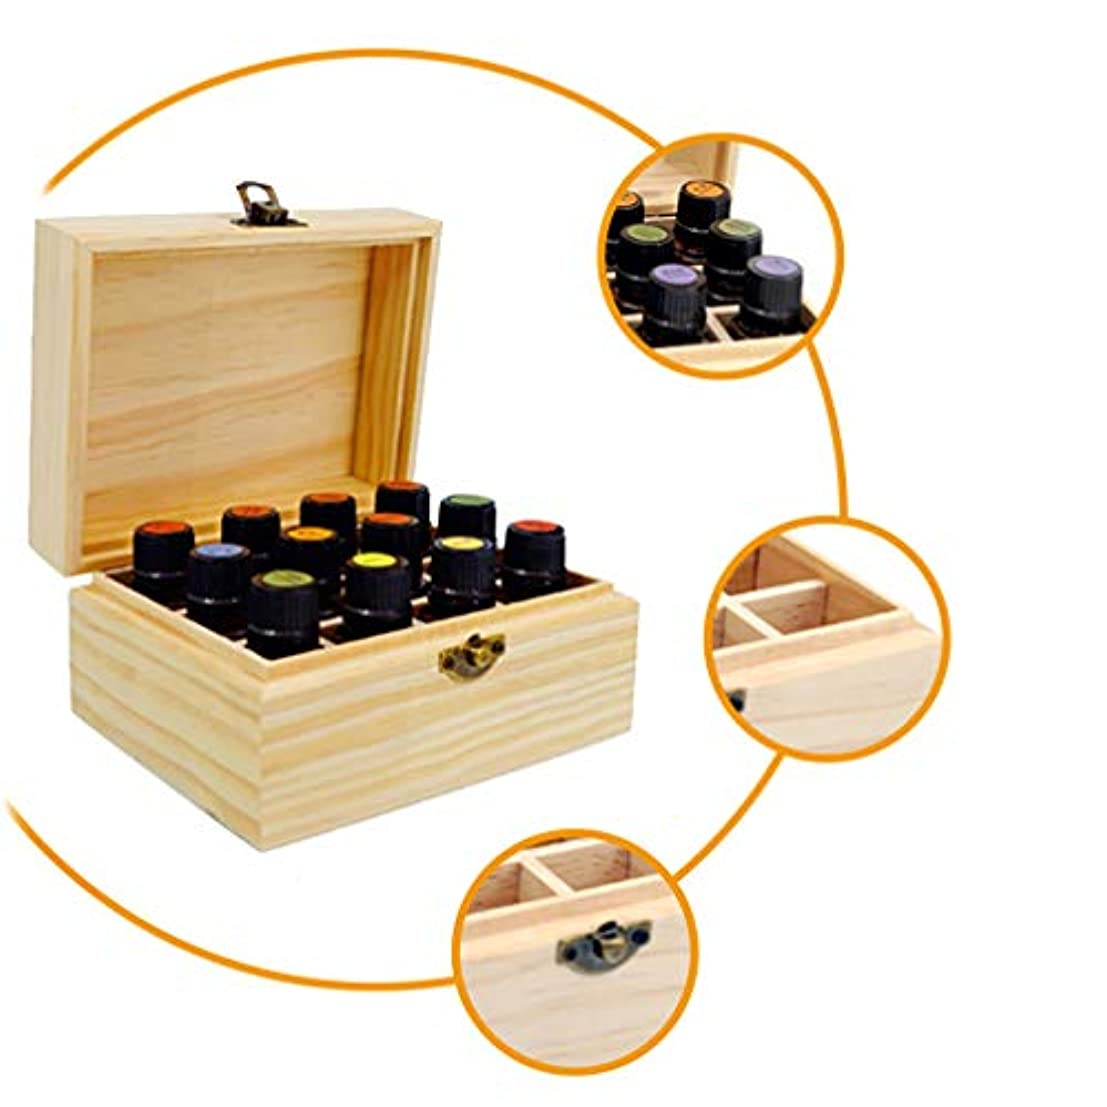 適格斧語JIOLK エッセンシャルオイル 収納ボックス 12本用 木製 香水収納ケース 大容量 精油収納 携帯便利 オイルボックス おしゃれ 精油ケース